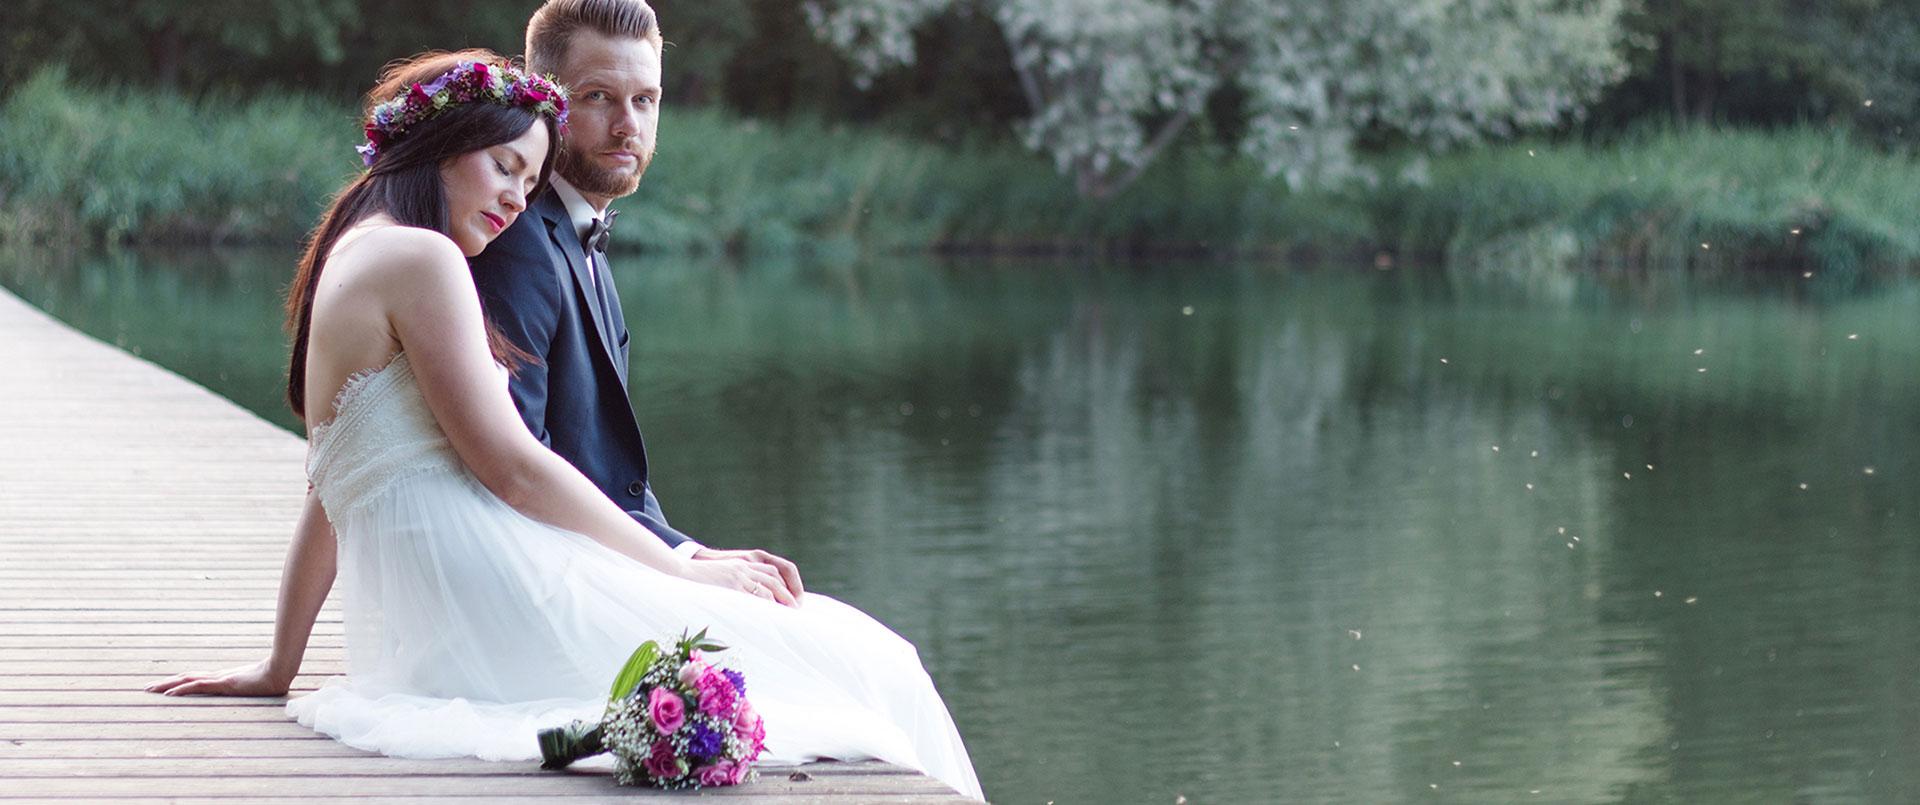 mareike wiesner photography hochzeiten header - Hochzeiten